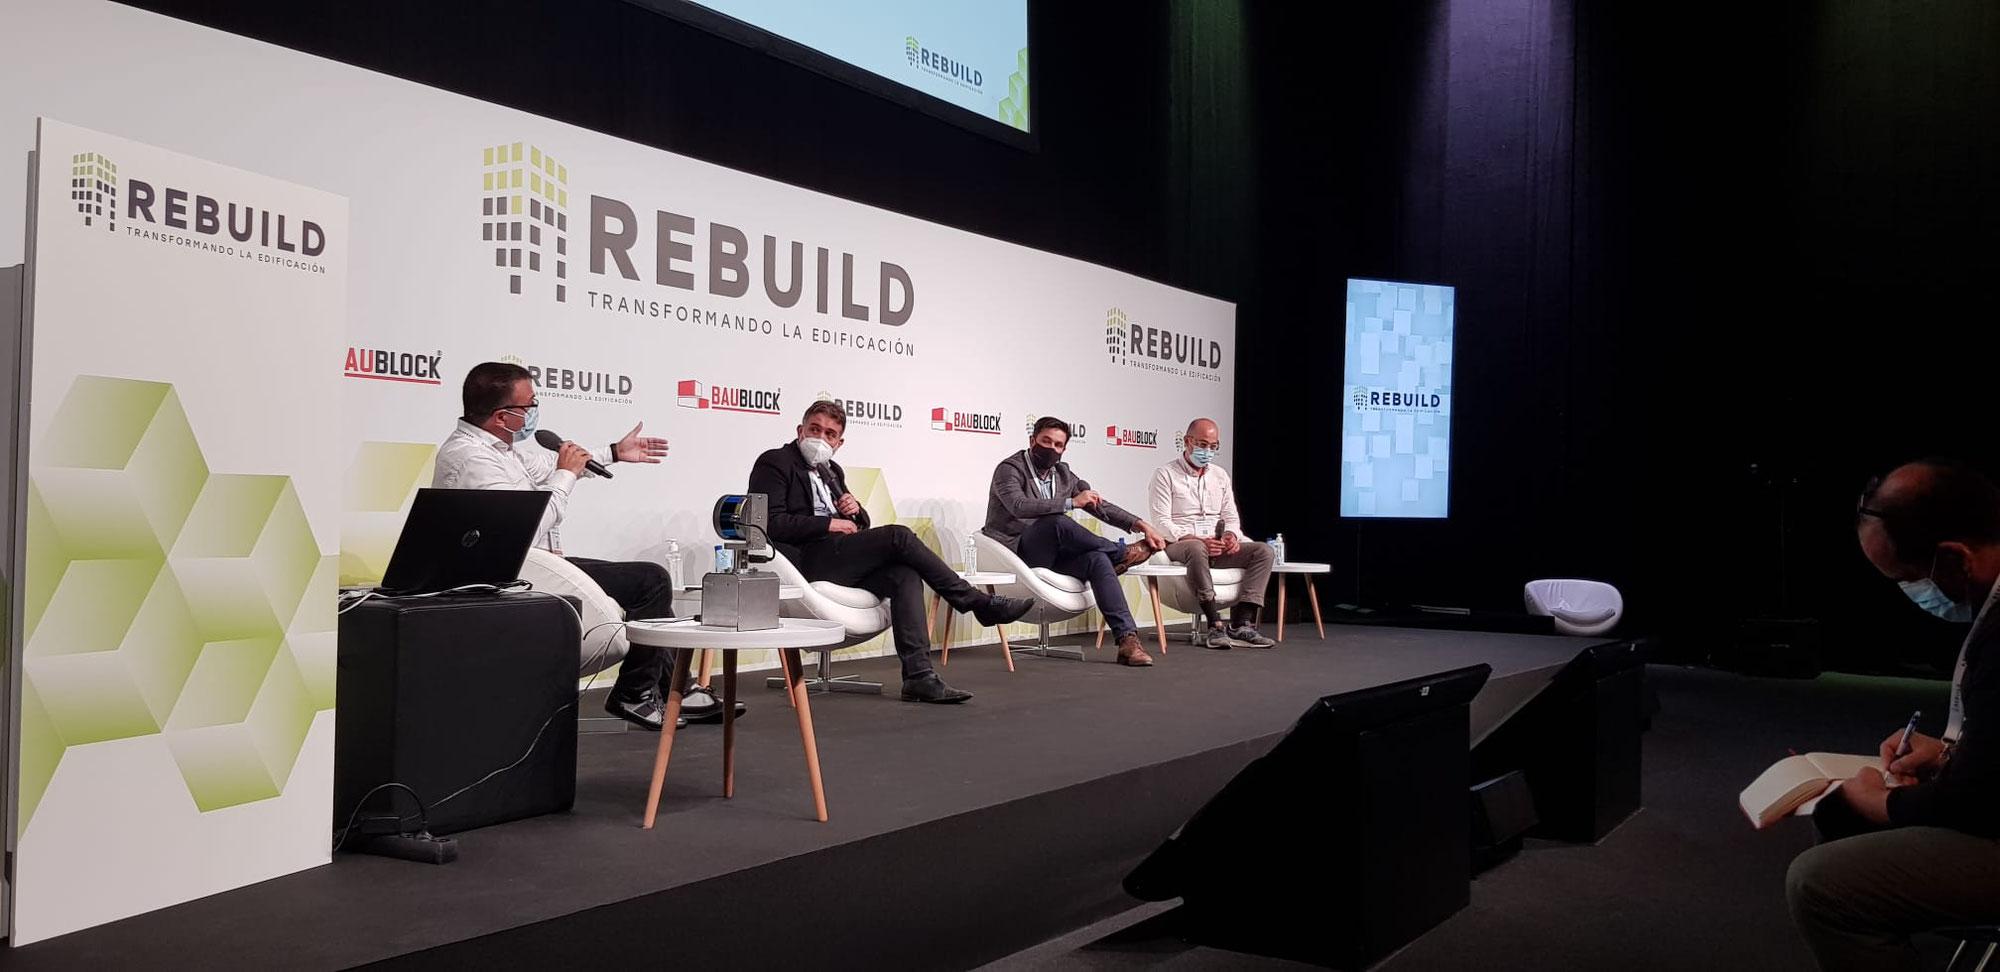 REVIEW Rebuild 21. CONSTRUCTION TECH STARTUP FORUM